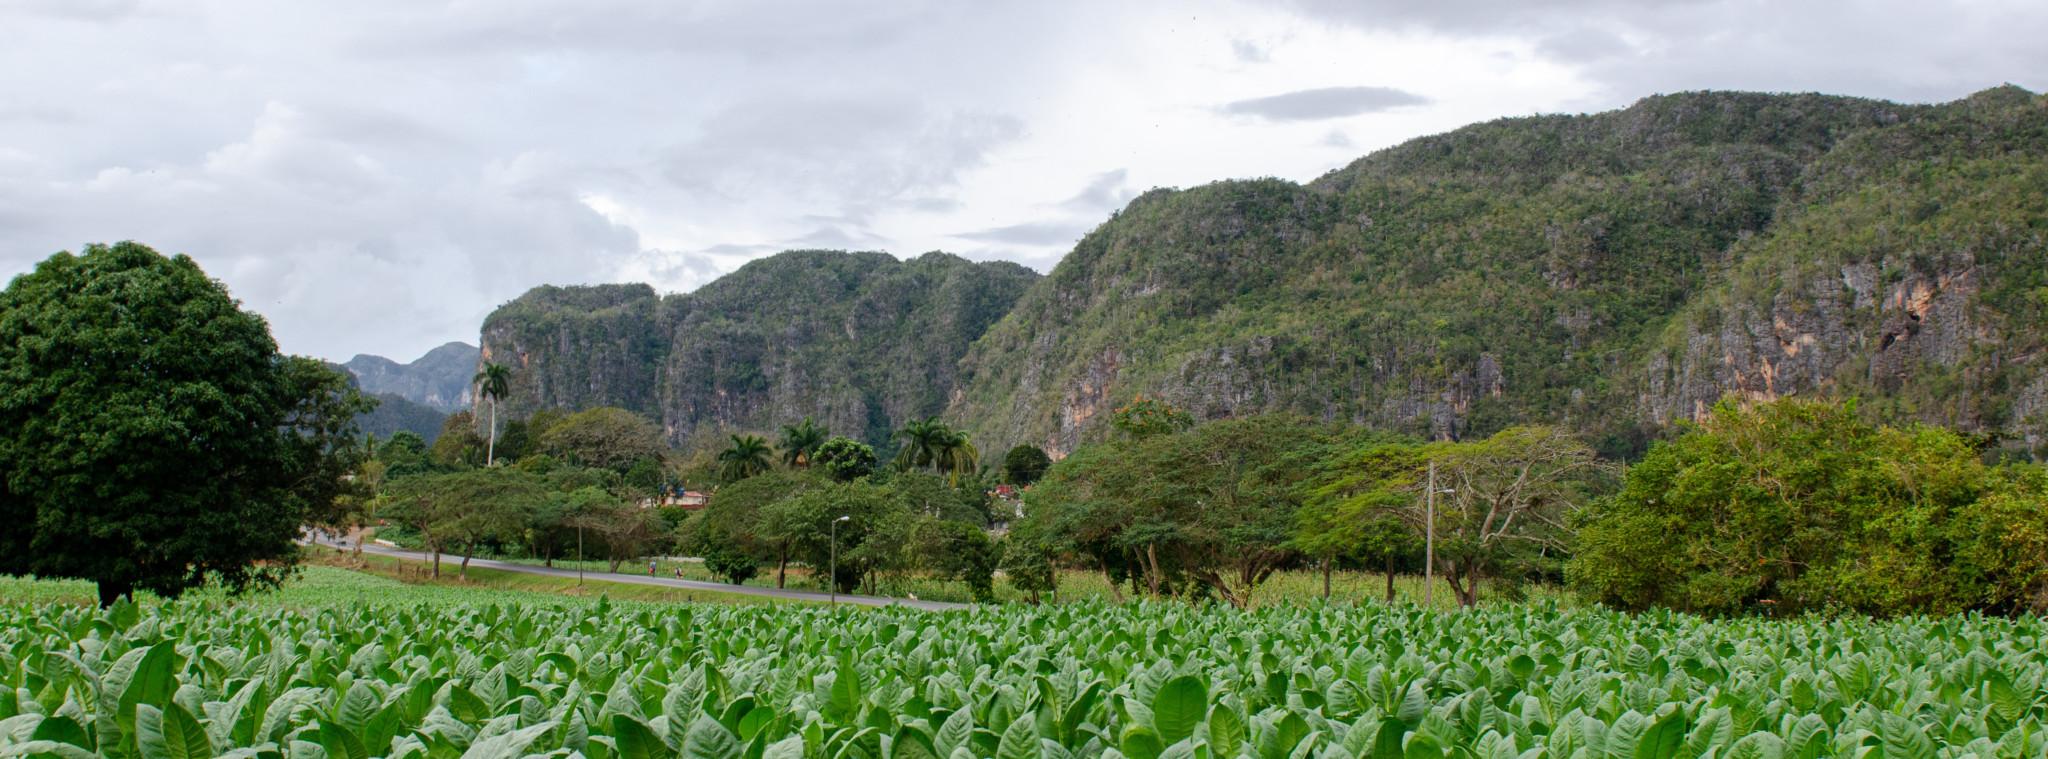 Valle de Vinales erkunden